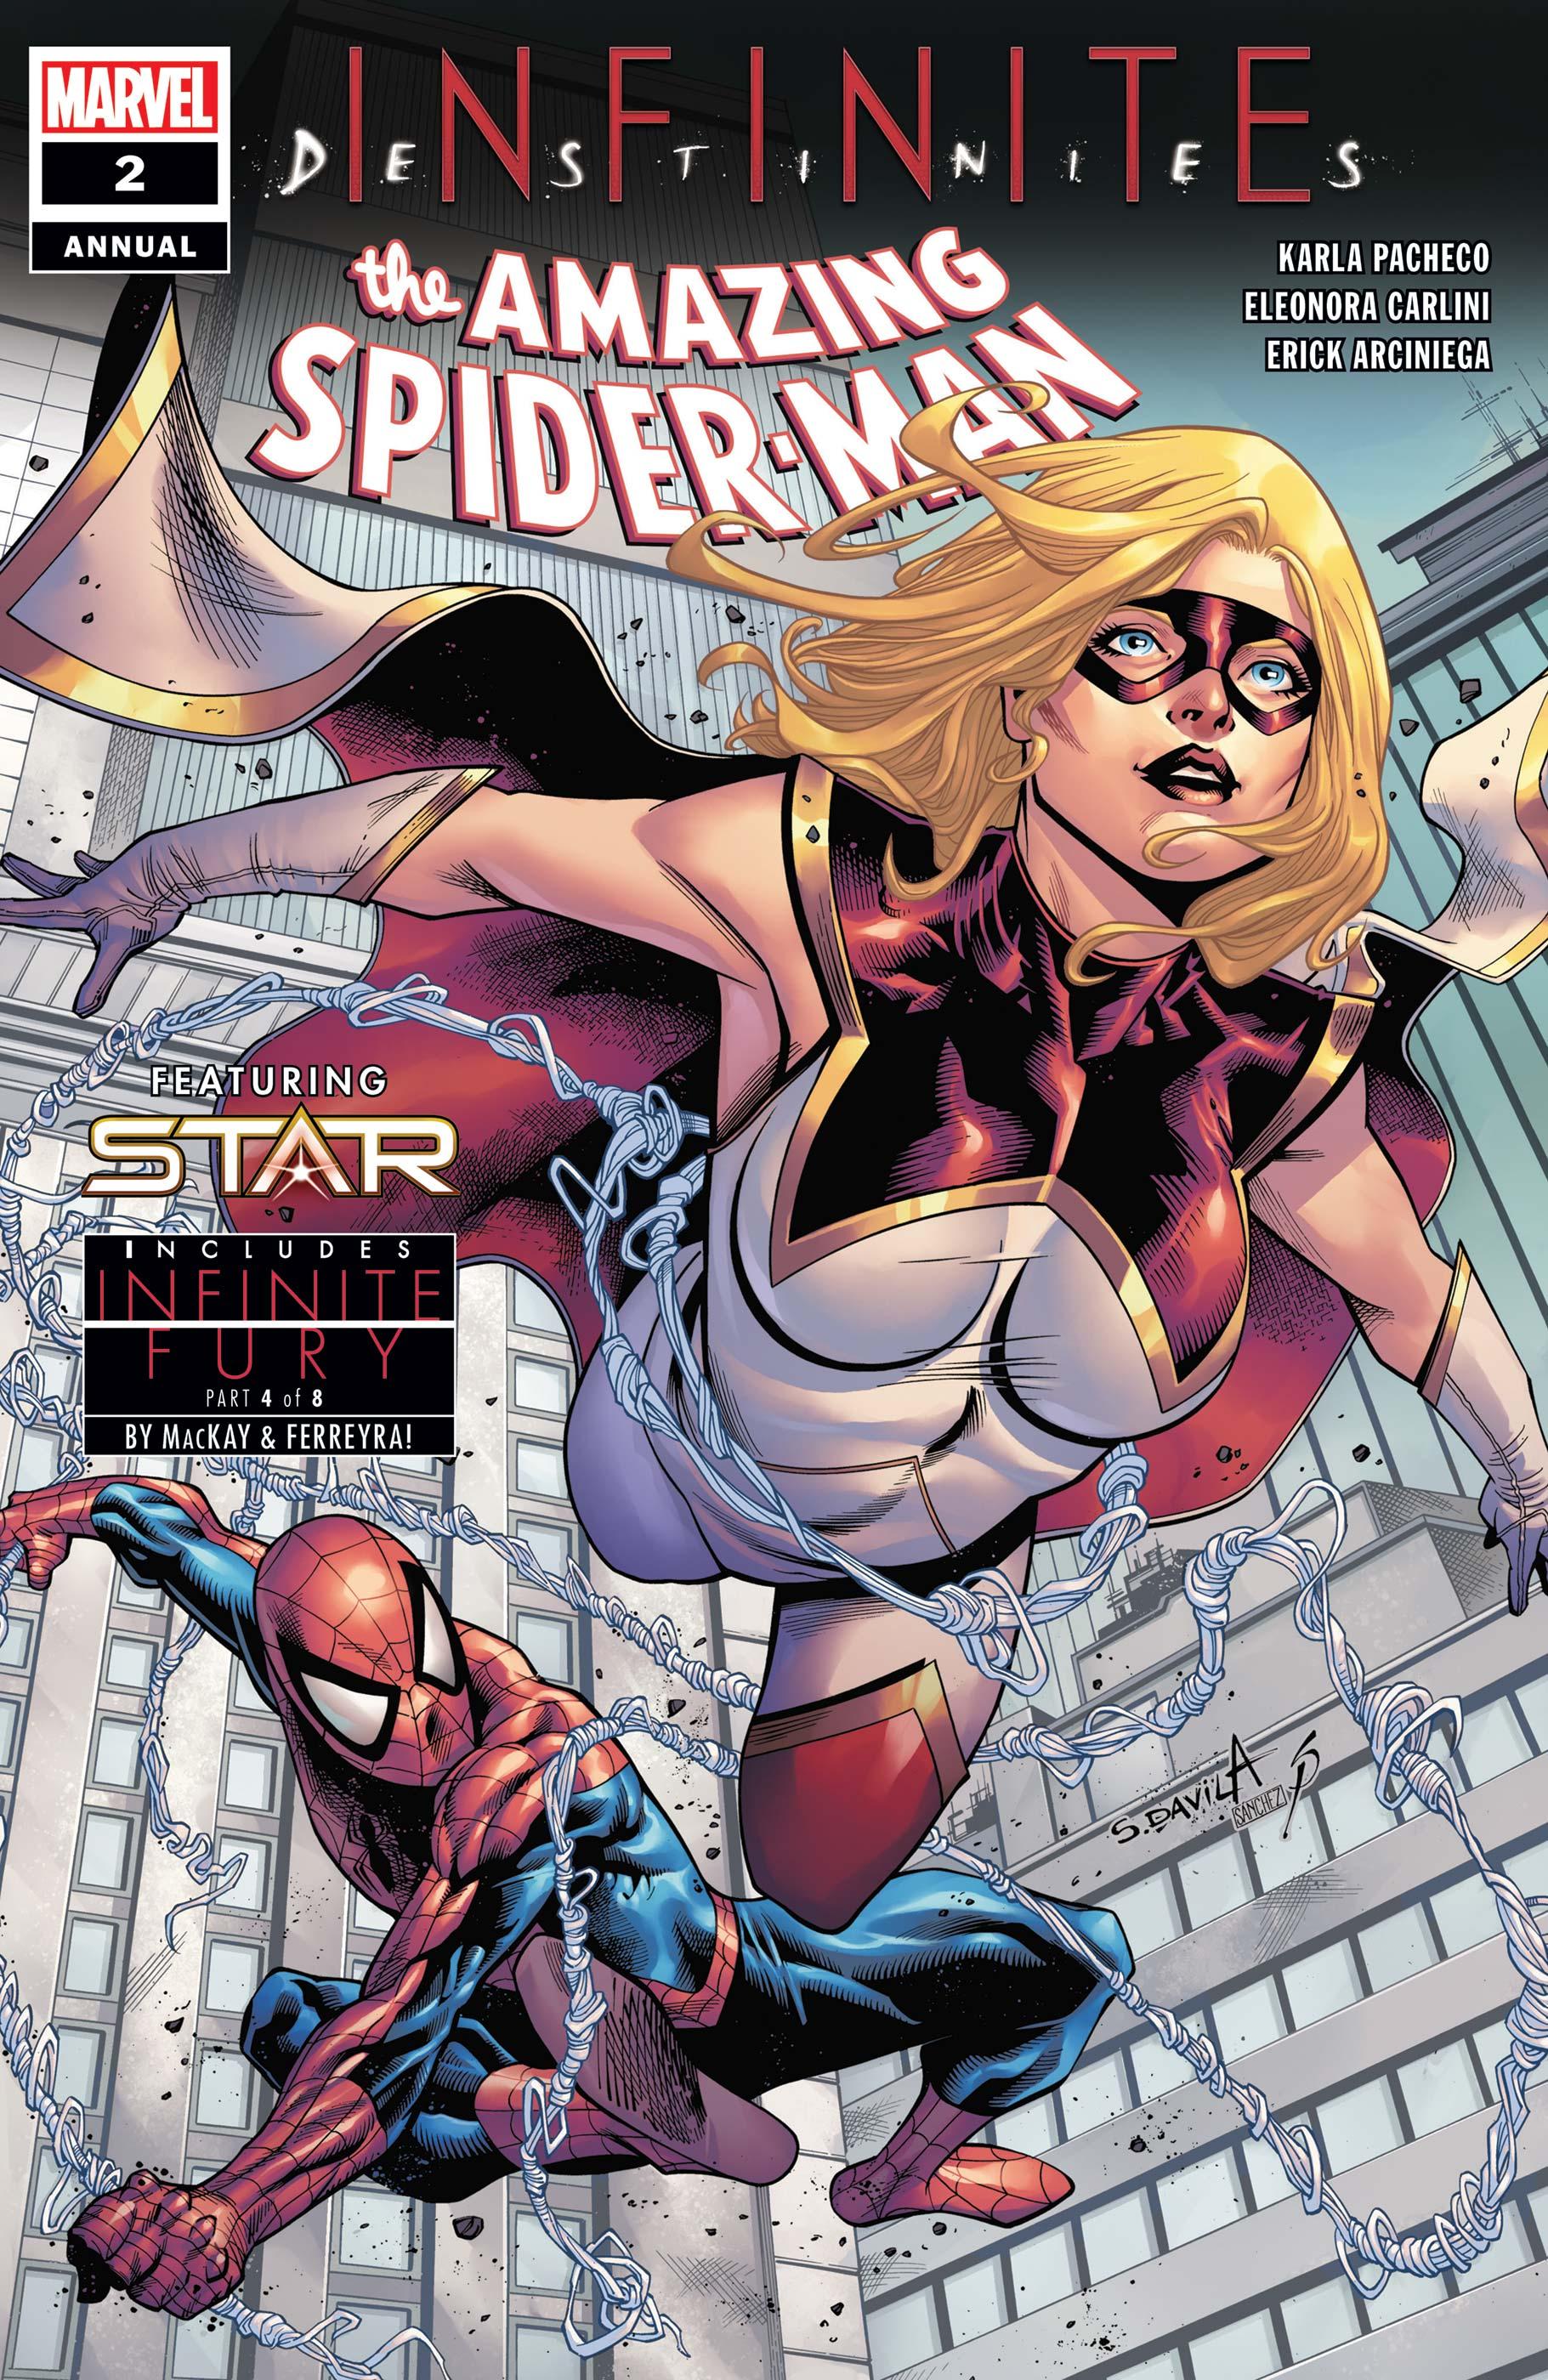 AMAZING SPIDER-MAN ANNUAL 2 (2020) #2